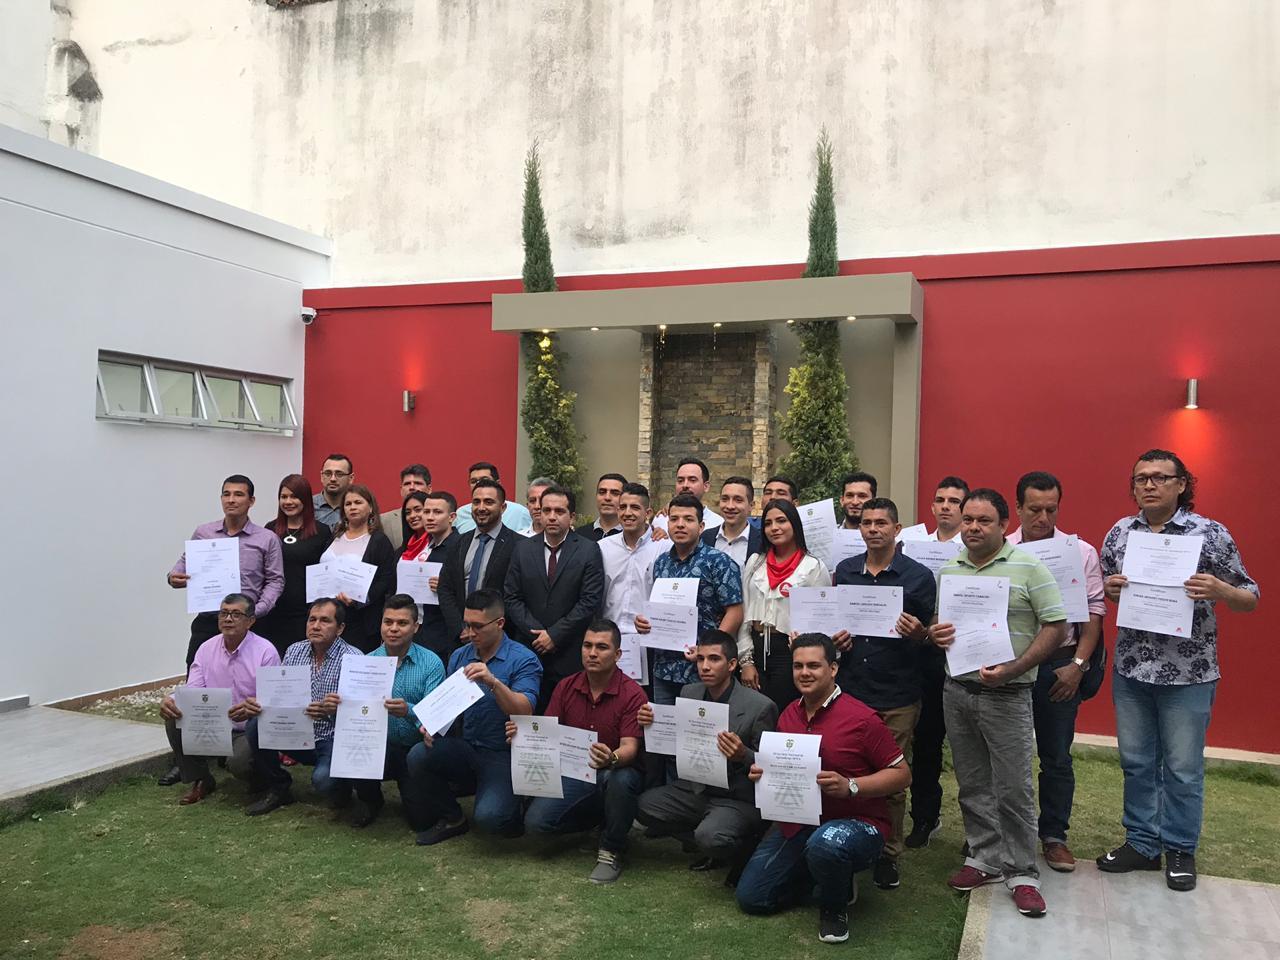 Primera generación del programa Axalta y SENA. Certifican a maestros pintores de Bucaramanga | Local | Economía | EL FRENTE